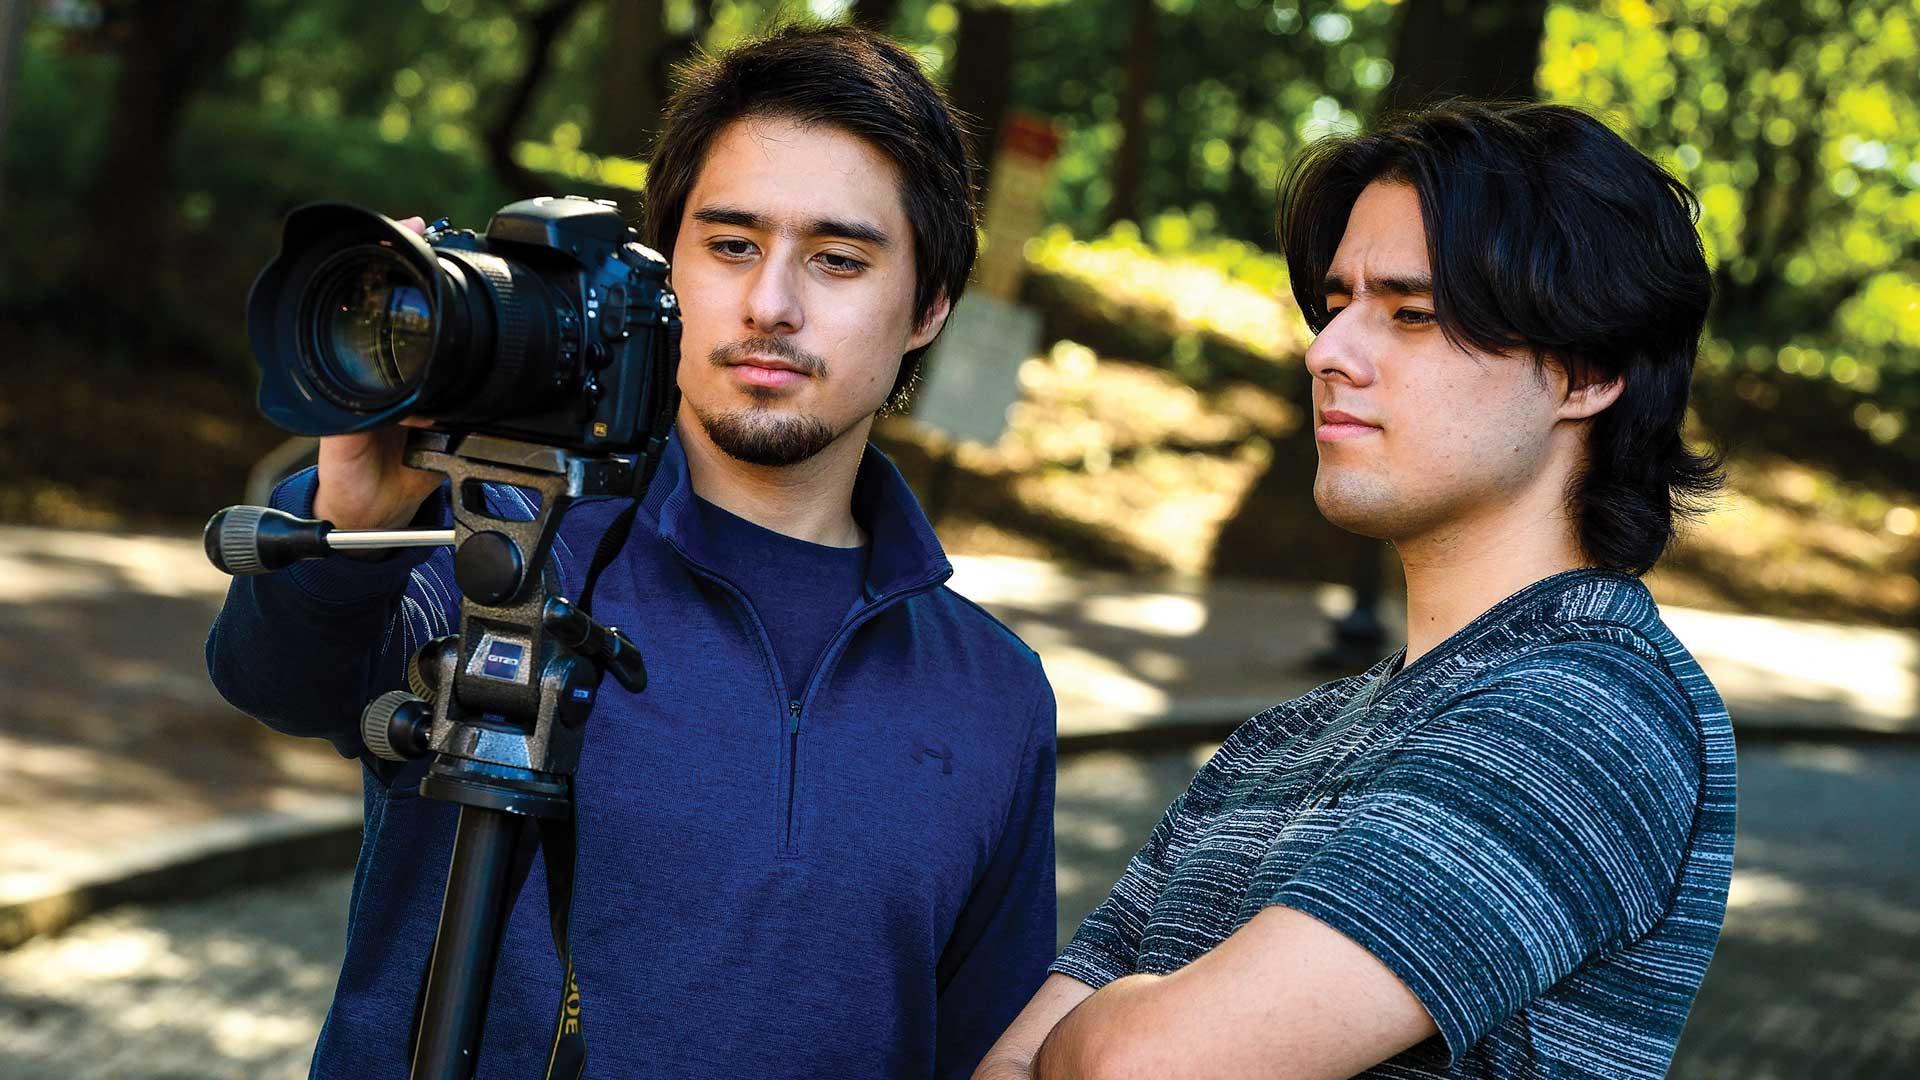 Film and Media Studies Siblings Work Together on Nurikabe